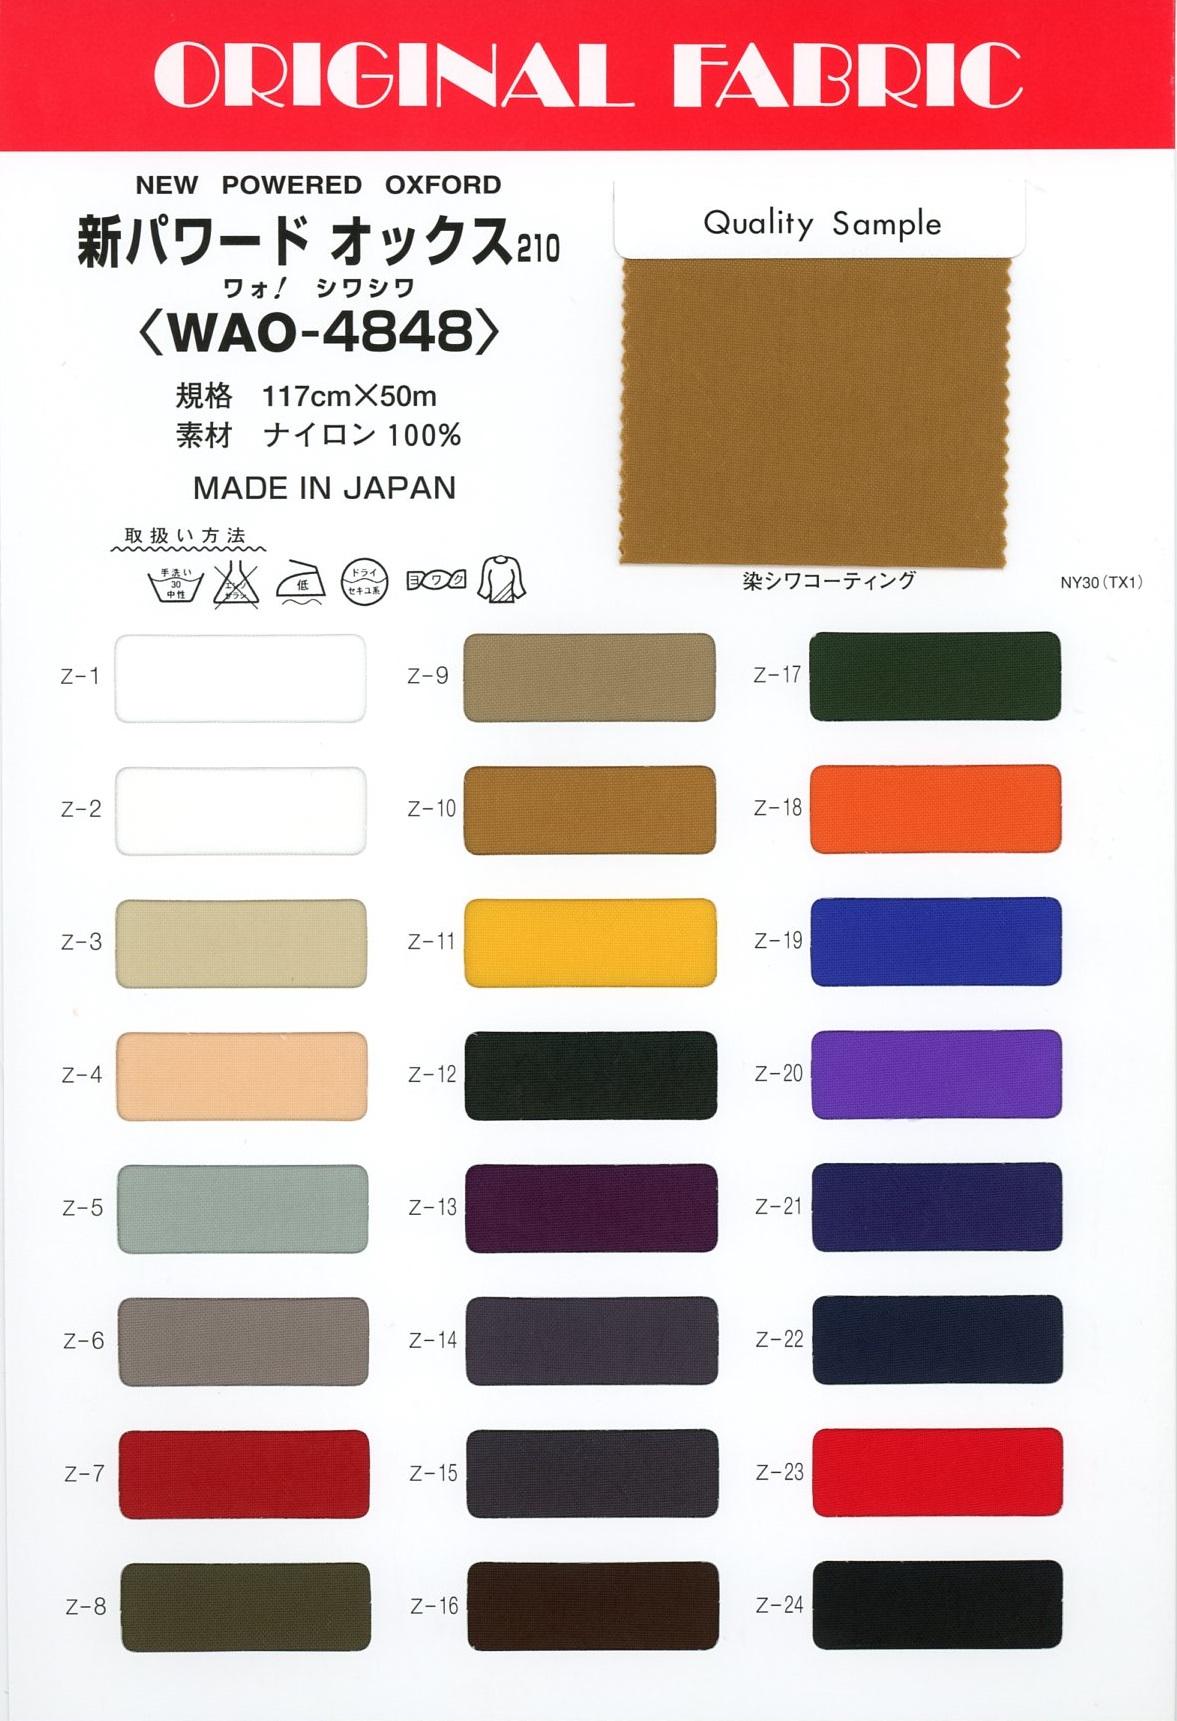 WAO-4848 新パワードオックス 210[生地] Masuda(マスダ)/オークラ商事 - ApparelX アパレル資材卸通販